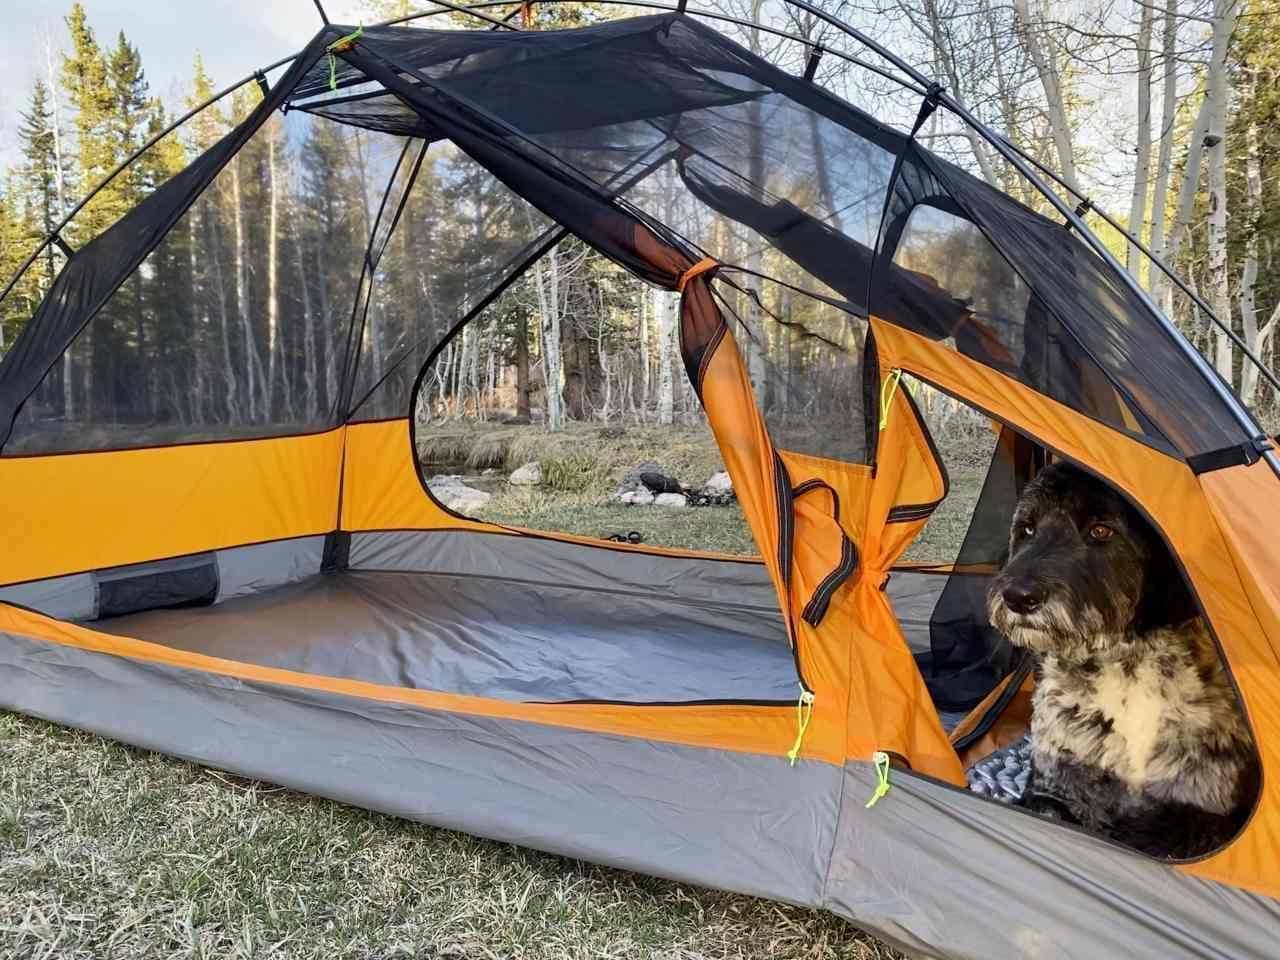 犬専用の小部屋付きテント「Kings Peakテント」 大人二人とわんこ1匹が泊まれる